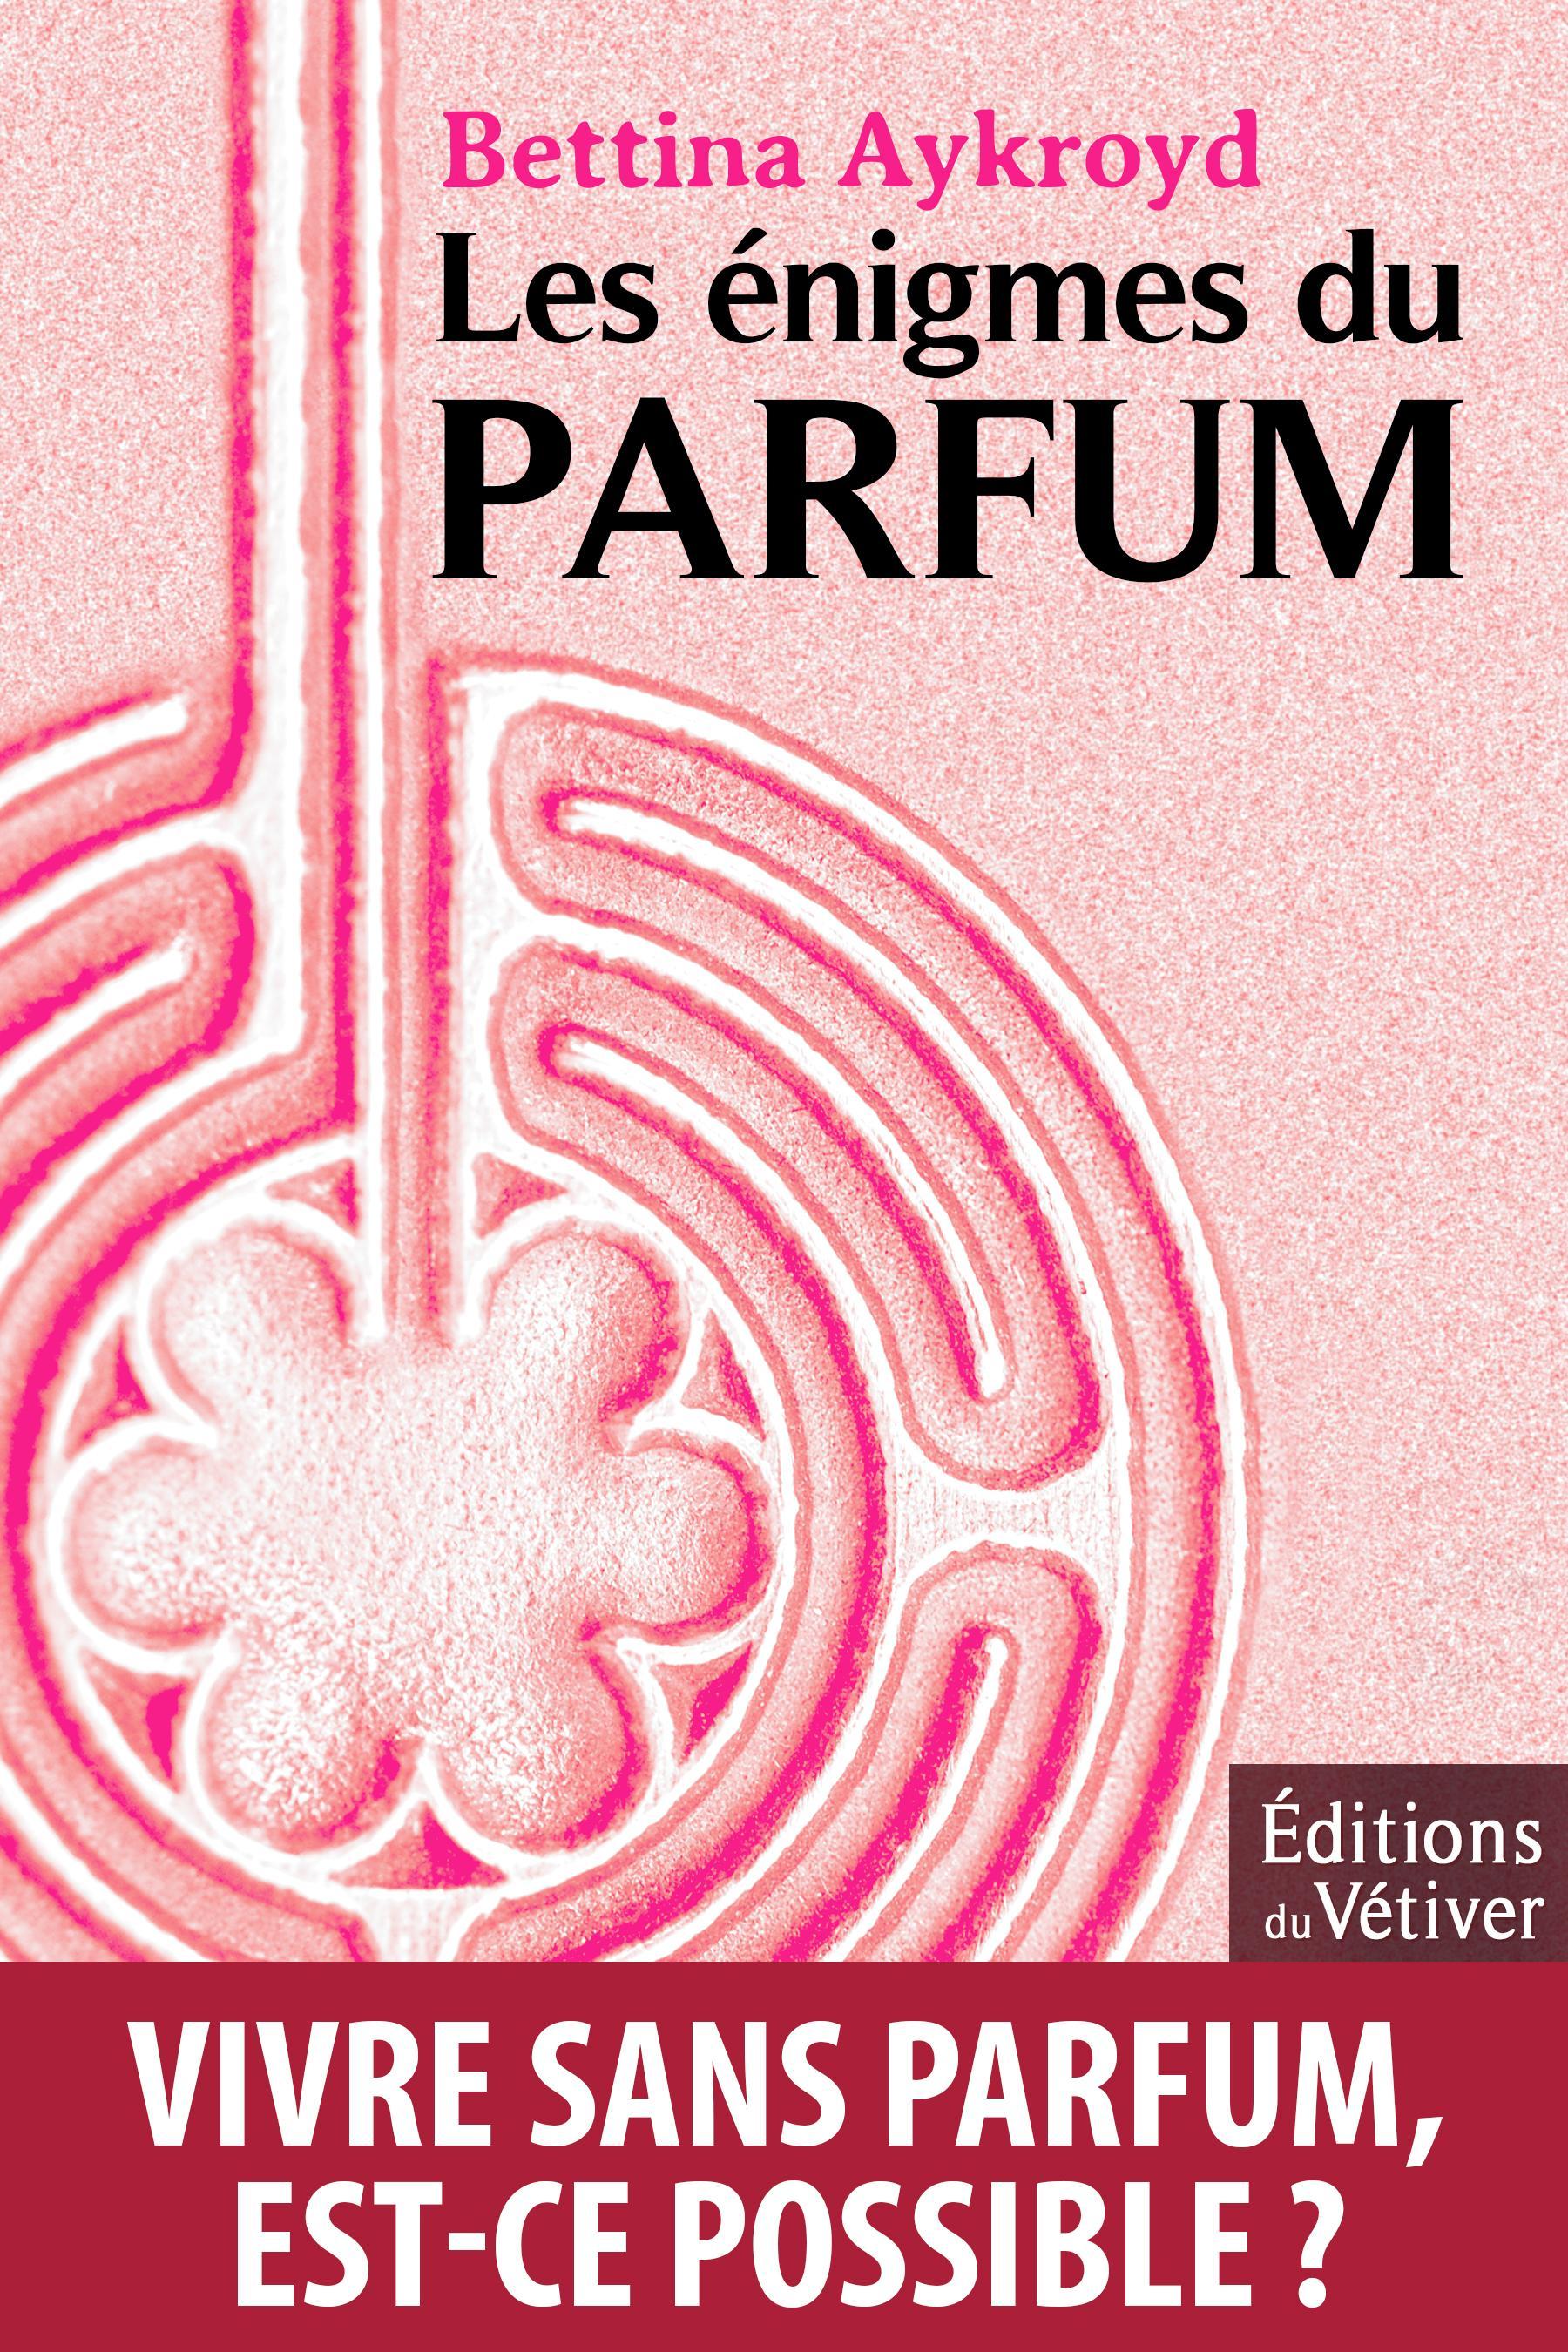 Les énigmes du parfum,